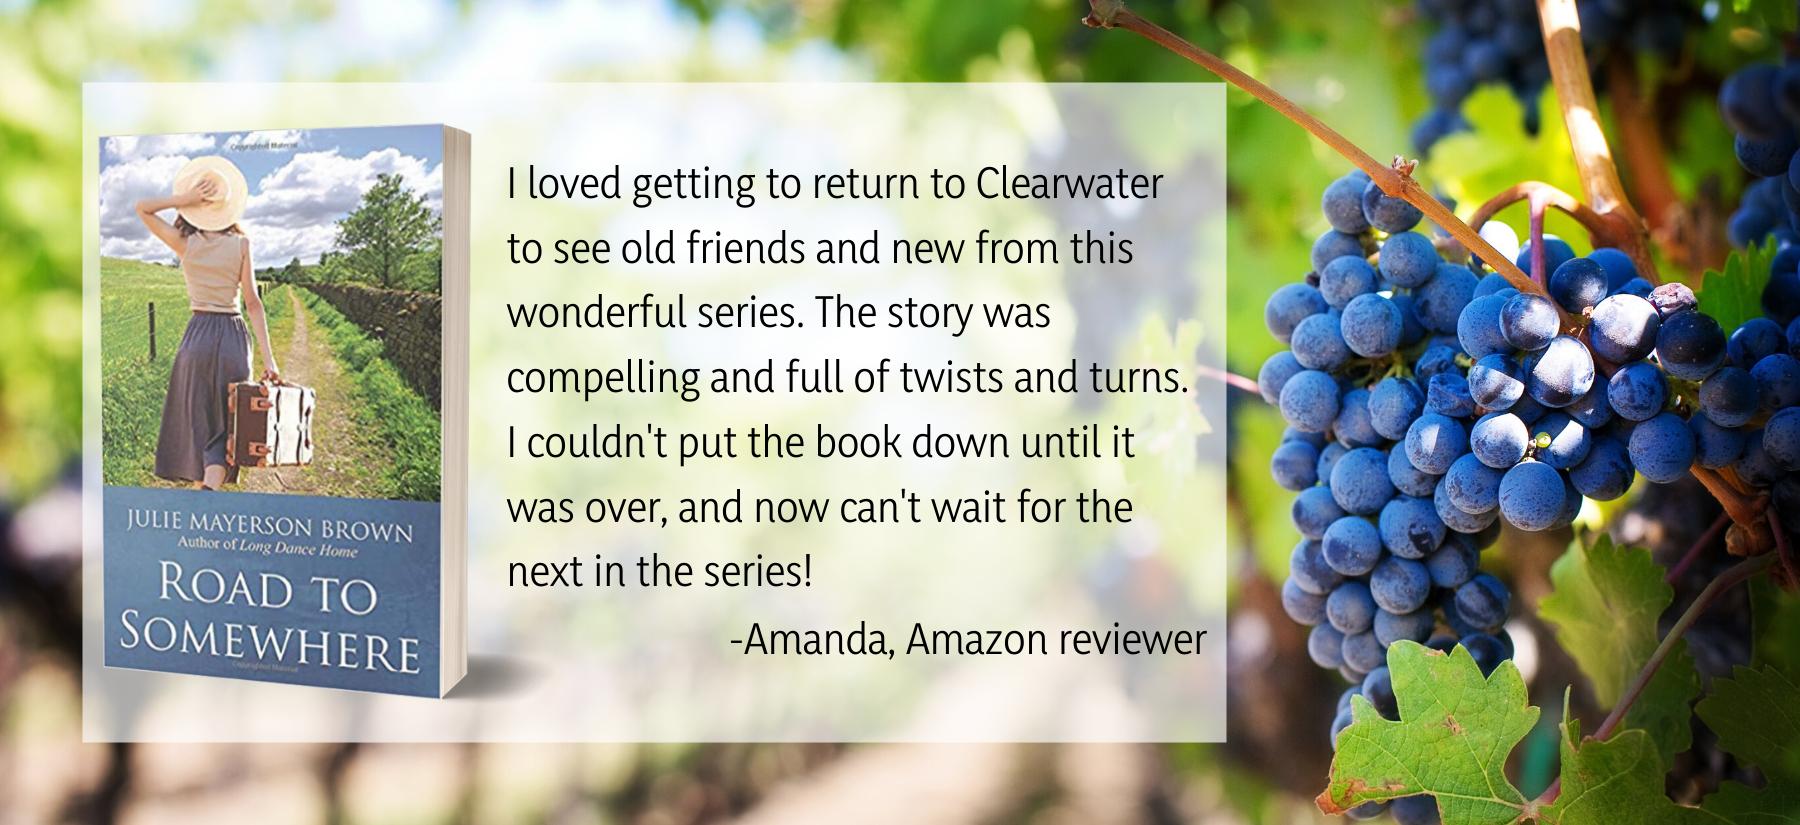 Amanda review of RTS